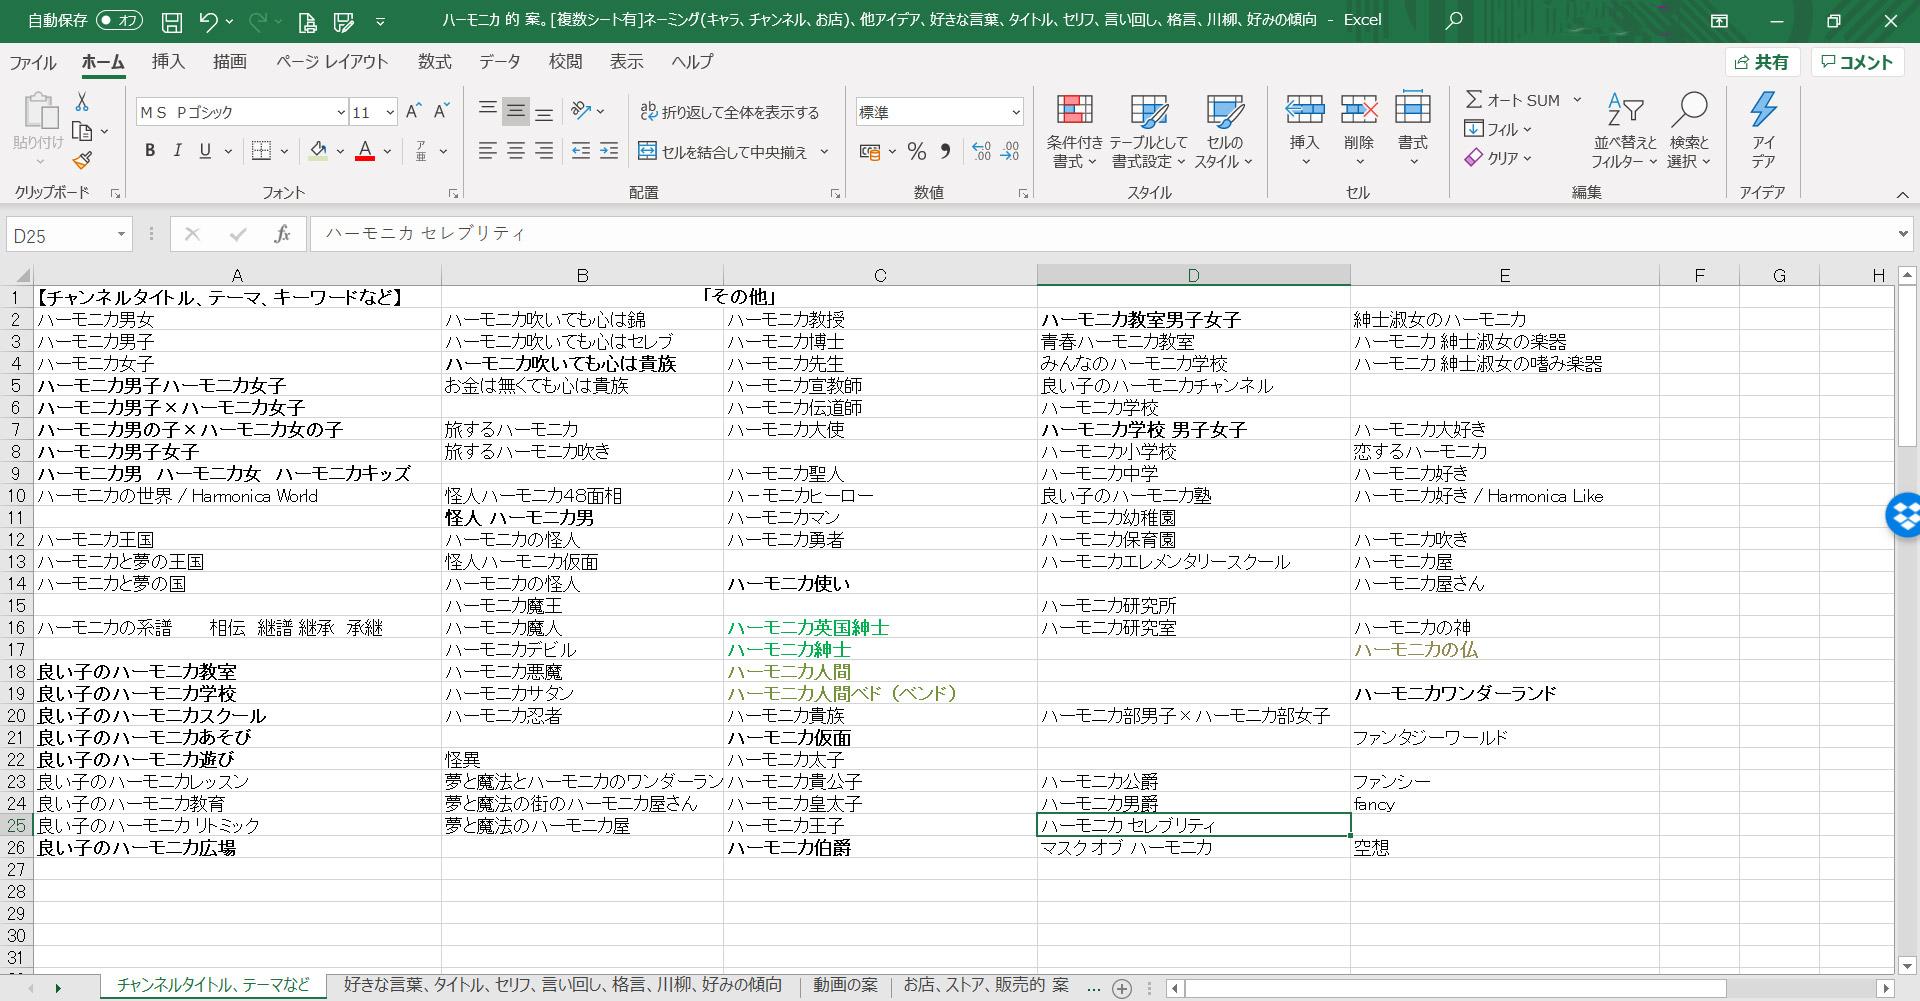 """""""ハーモニカ紳士""""という名前が決まるまで""""エクセル(Excel)""""に ひたすら案をメモし続けた記録"""